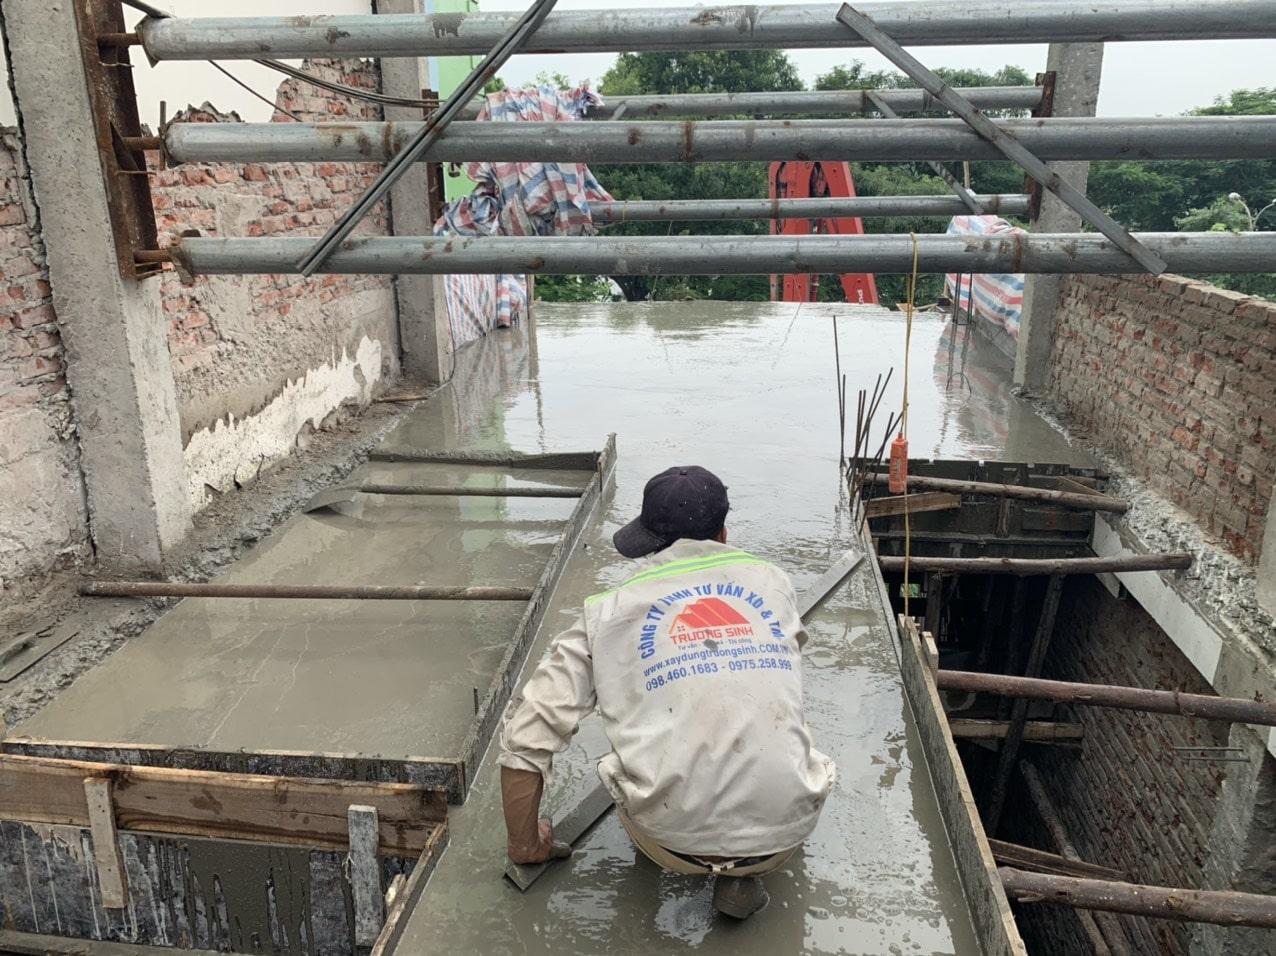 Siêu dự án sửa nhà trọn gói cho nhà anh Hưng tại quận Hoàng Mai, HN-8